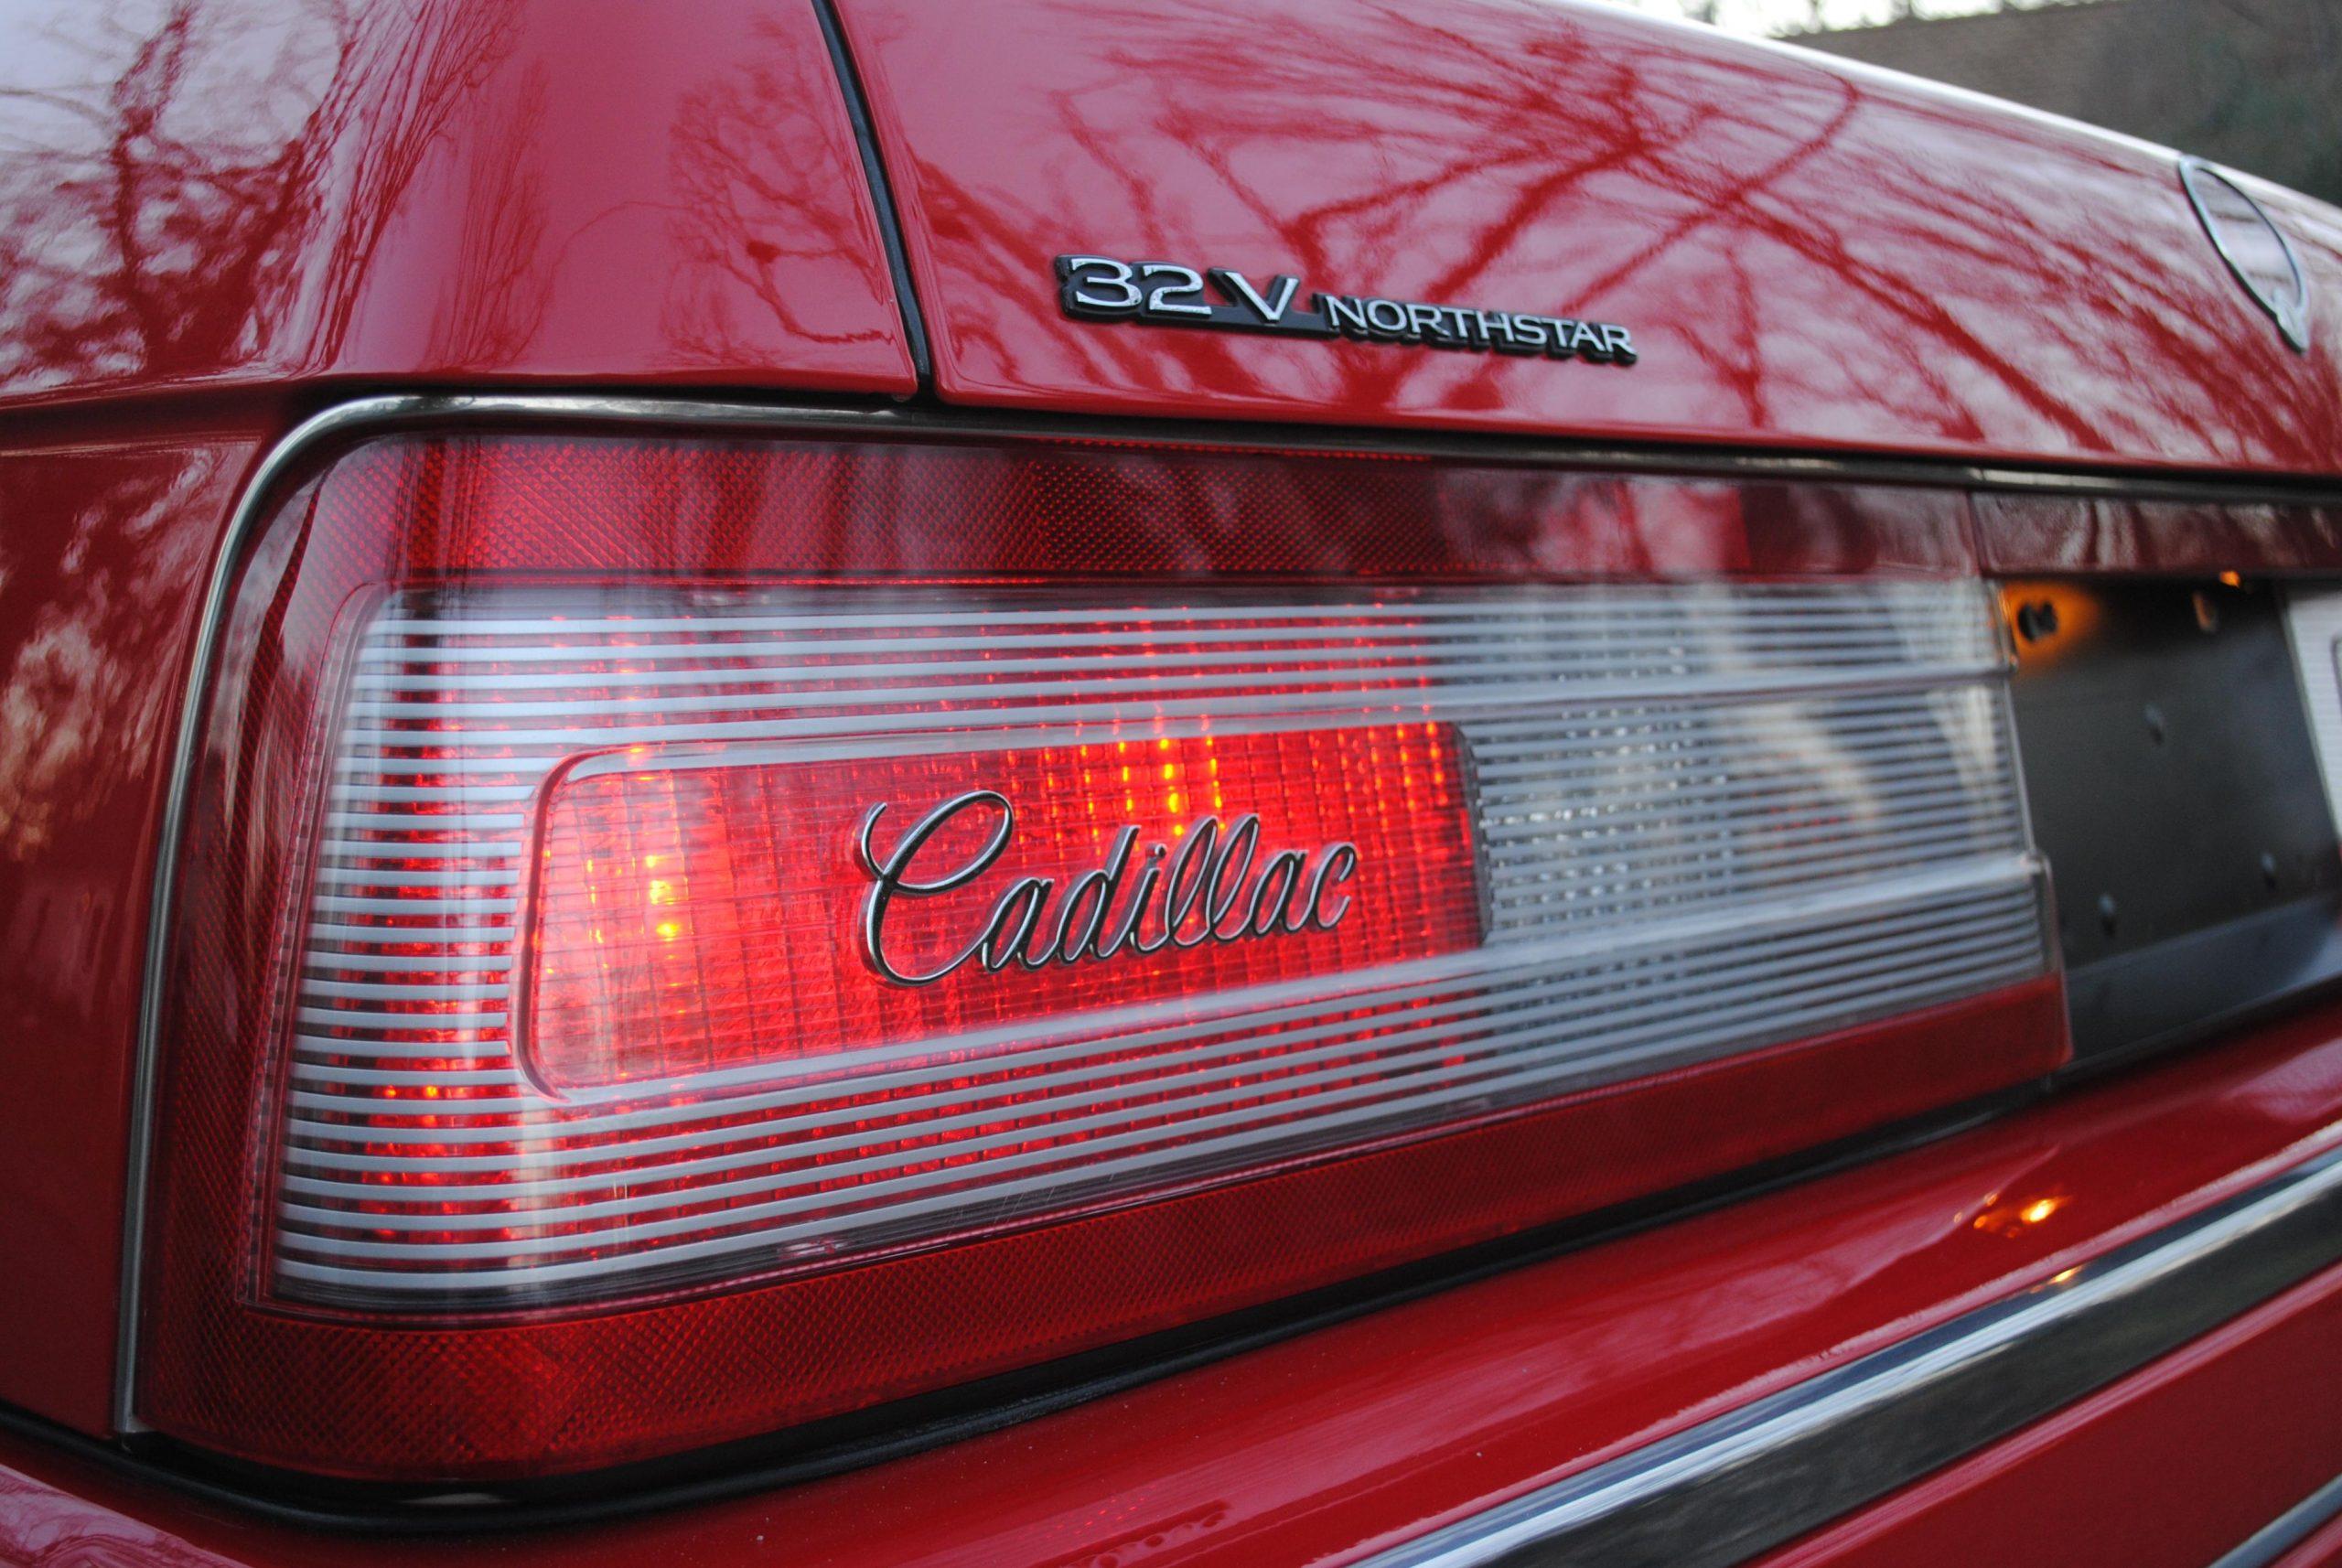 1993 Cadillac Allante taillight